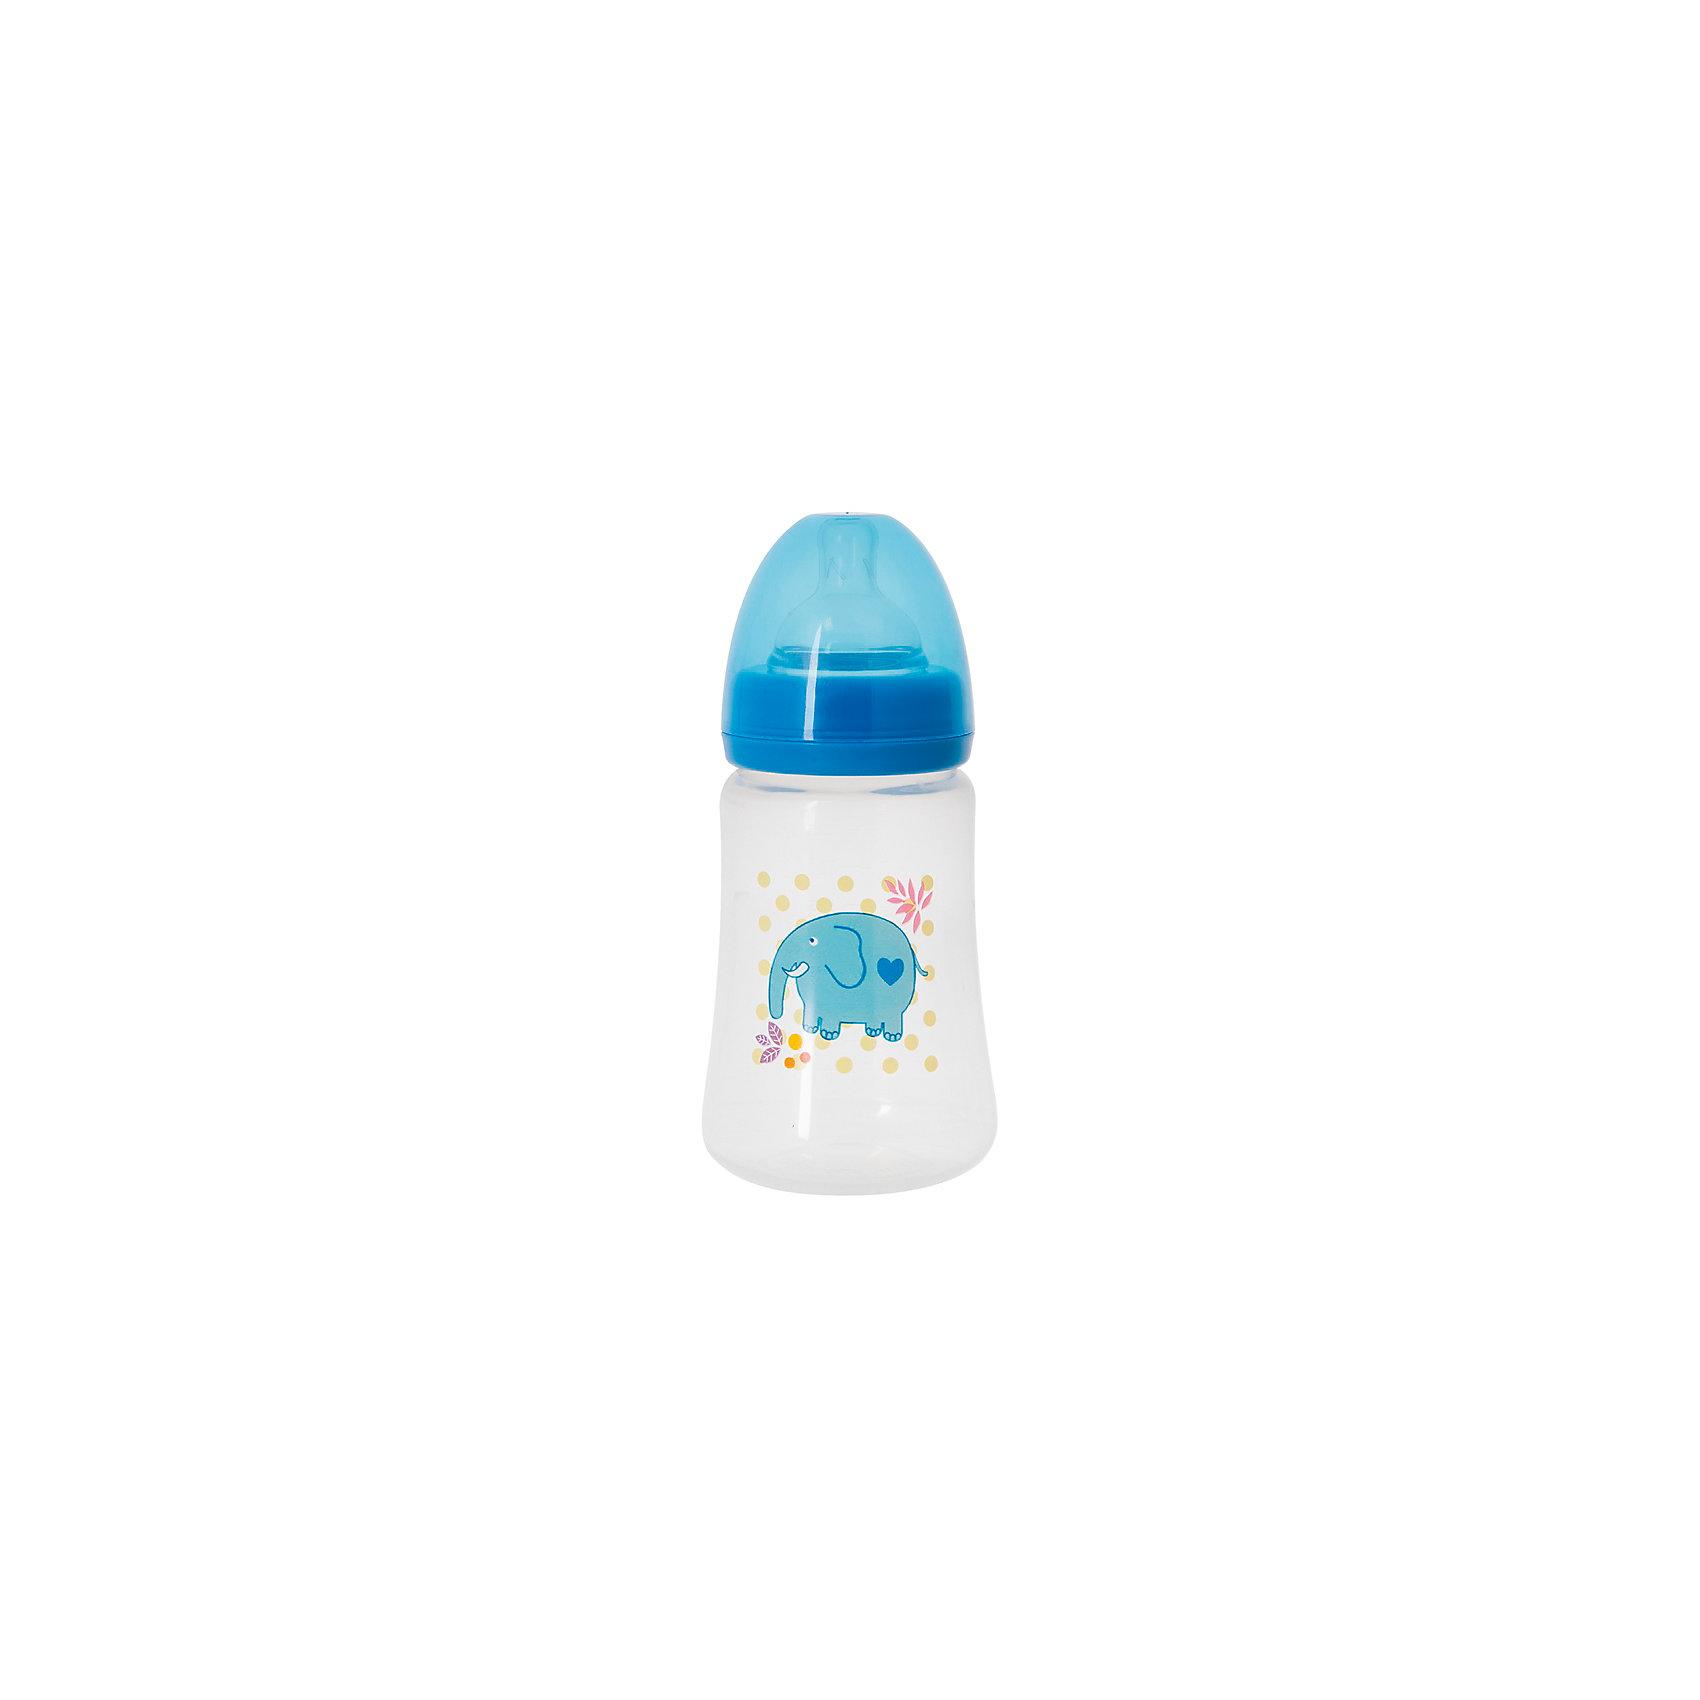 Бутылочка для кормления с силиконовой соской Слон, 250 мл., Kurnosiki, синийБутылочки и аксессуары<br>Характеристики:<br><br>• Наименование: бутылка для кормления<br>• Рекомендуемый возраст: от 0 месяцев<br>• Пол: для мальчика<br>• Объем: 250 мл<br>• Материал: силикон, пластик<br>• Цвет: голубой<br>• Рисунок: слон<br>• Форма соски: классическая<br>• Поток у соски: медленный<br>• Комплектация: бутылочка, соска, колпачок<br>• Широкое горлышко<br>• Широкое дно<br>• Вес: 90 г<br>• Можно использовать в СВЧ и посудомоечной машине<br>• Особенности ухода: регулярная стерилизация и своевременная замена соски<br><br>Бутылочка для кормления с силиконовой соской, Kurnosiki выполнена из прочного и термостойкого пластика, на котором не появляются царапины и сколы. У бутылочки широкие дно и горлышко, благодаря чему в нее удобно наливать детское питание и без труда отмывать загрязнения. Силиконовая соска классической формы, не имеет цвета и запаха, обладает повышенными гипоаллергенными свойствами. <br><br>Изделие выполнено в брендовом дизайне: на бутылочку нанесено изображение слона. Рисунок устойчив к выцветанию и истиранию. Бутылочка для кормления с силиконовой соской, Kurnosiki – это практичный и стильный предмет для кормления малыша!<br><br>Бутылочку для кормления с силиконовой соской, Kurnosiki можно купить в нашем интернет-магазине.<br><br>Ширина мм: 70<br>Глубина мм: 80<br>Высота мм: 230<br>Вес г: 93<br>Возраст от месяцев: 0<br>Возраст до месяцев: 18<br>Пол: Мужской<br>Возраст: Детский<br>SKU: 5428786